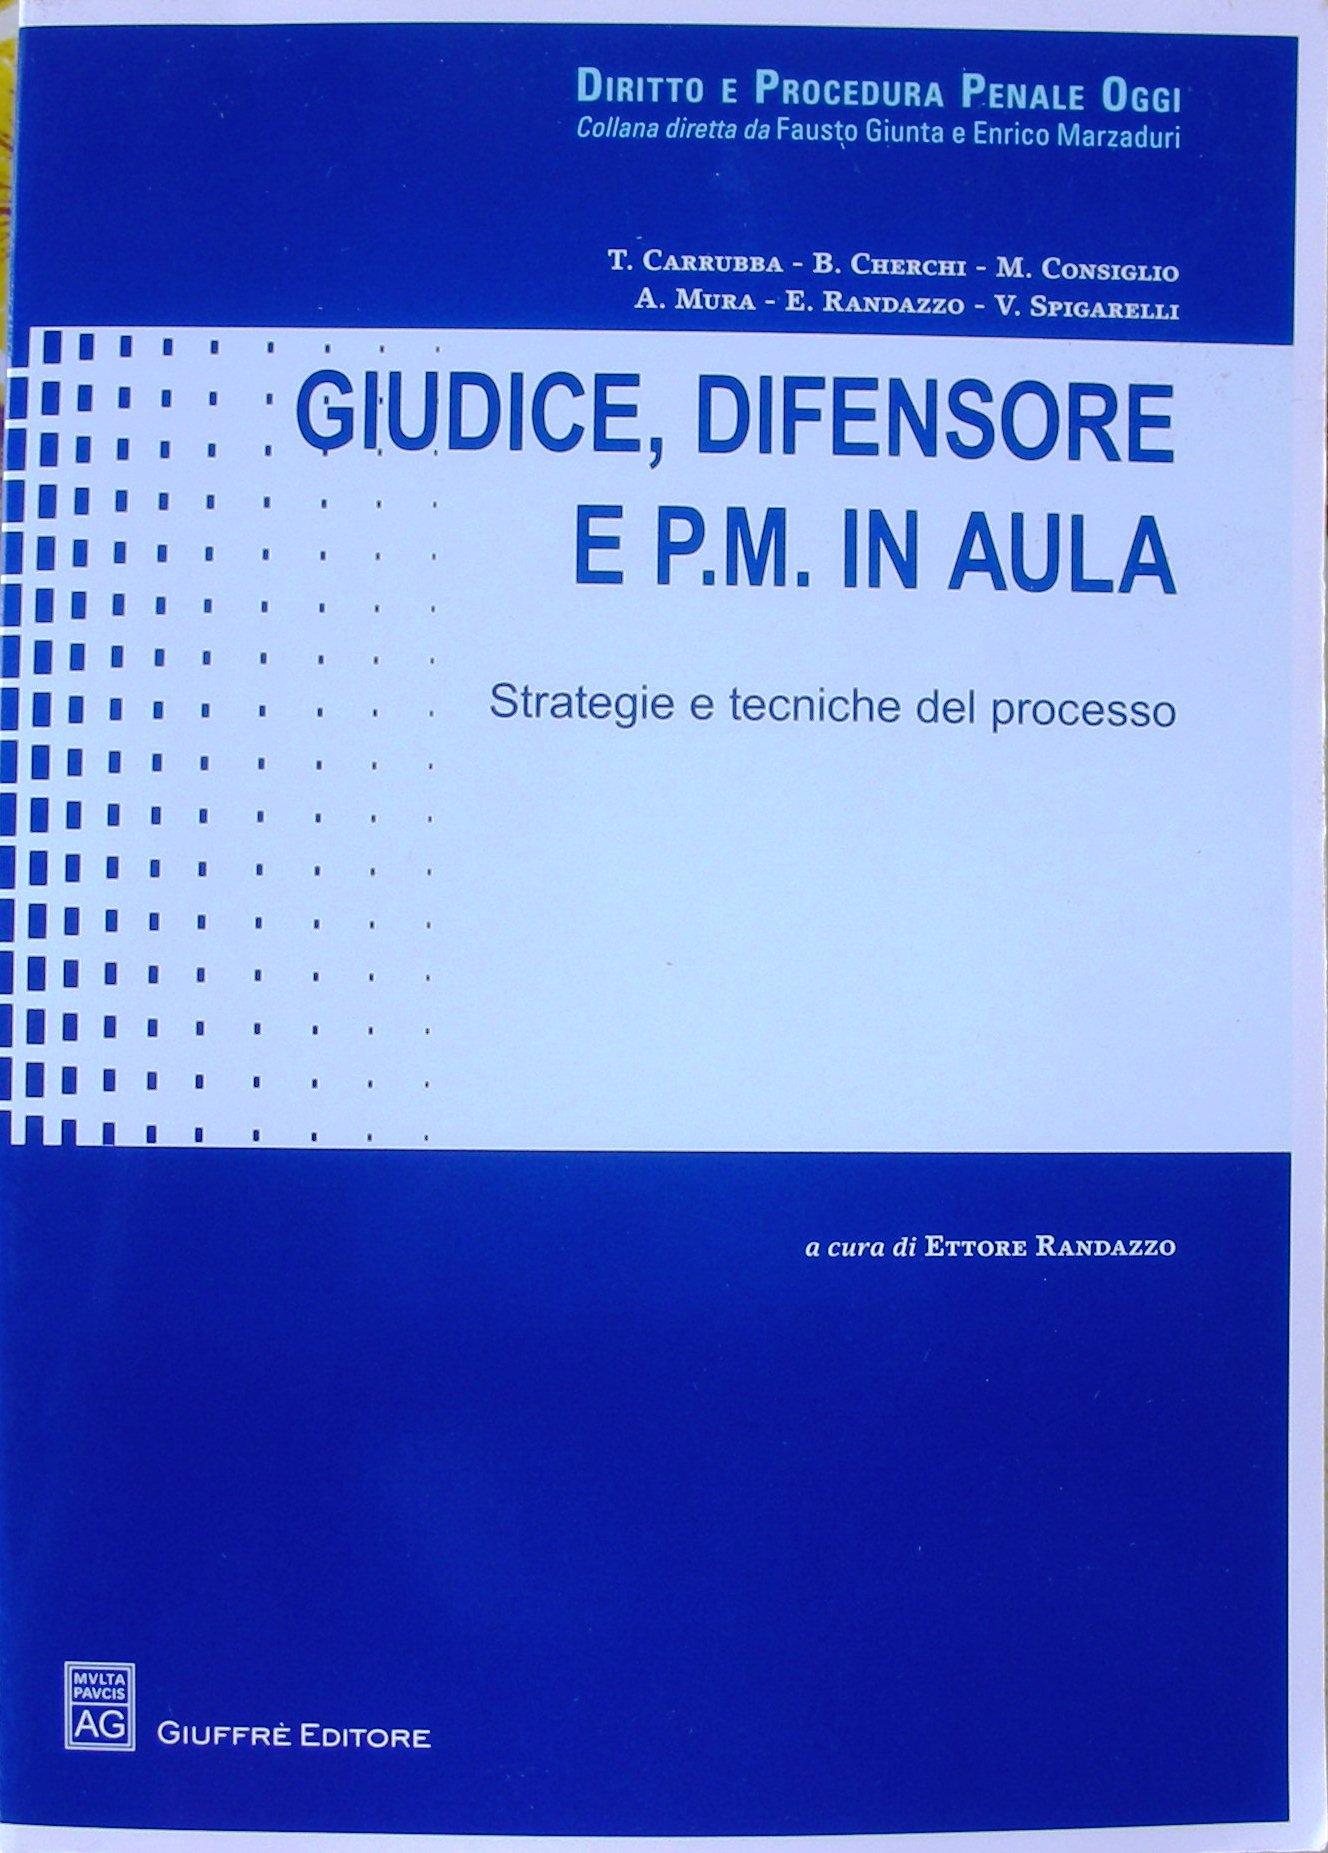 Giudice, difensore e P.M. in aula. Strategie e tecniche del processo